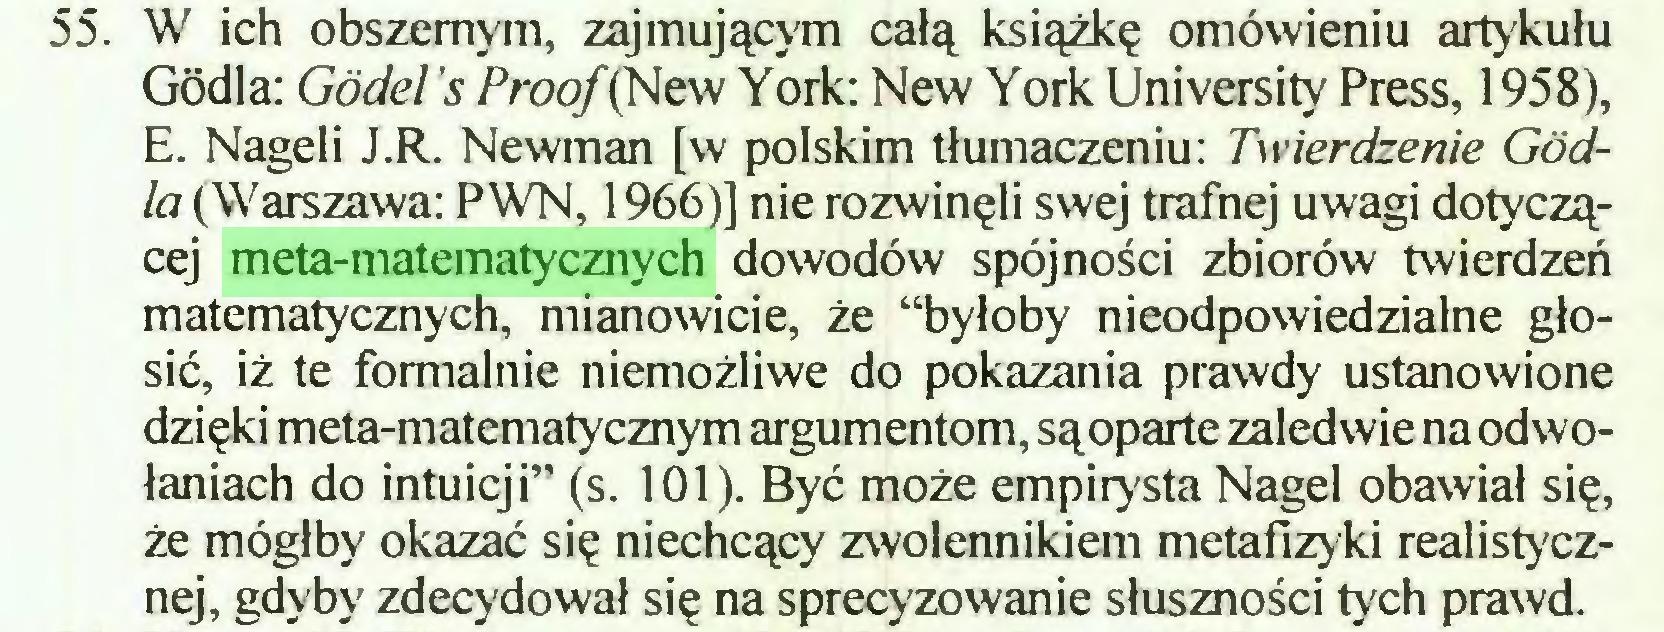 """(...) 55. W ich obszernym, zajmującym całą książkę omówieniu artykułu Godła: Godeł 's Proof (New York: New York University Press, 1958), E. Nageli J.R. Newman [w polskim tłumaczeniu: Twierdzenie Godła (Warszawa: PWN, 1966)] nie rozwinęli swej trafnej uwagi dotyczącej meta-matematycznych dowodów spójności zbiorów twierdzeń matematycznych, mianowicie, że """"byłoby nieodpowiedzialne głosić, iż te formalnie niemożliwe do pokazania prawdy ustanowione dzięki meta-matematycznym argumentom, sąoparte zaledwie na odwołaniach do intuicji"""" (s. 101). Być może empirysta Nagel obawiał się, że mógłby okazać się niechcący zwolennikiem metafizyki realistycznej, gdyby zdecydował się na sprecyzowanie słuszności tych prawd..."""